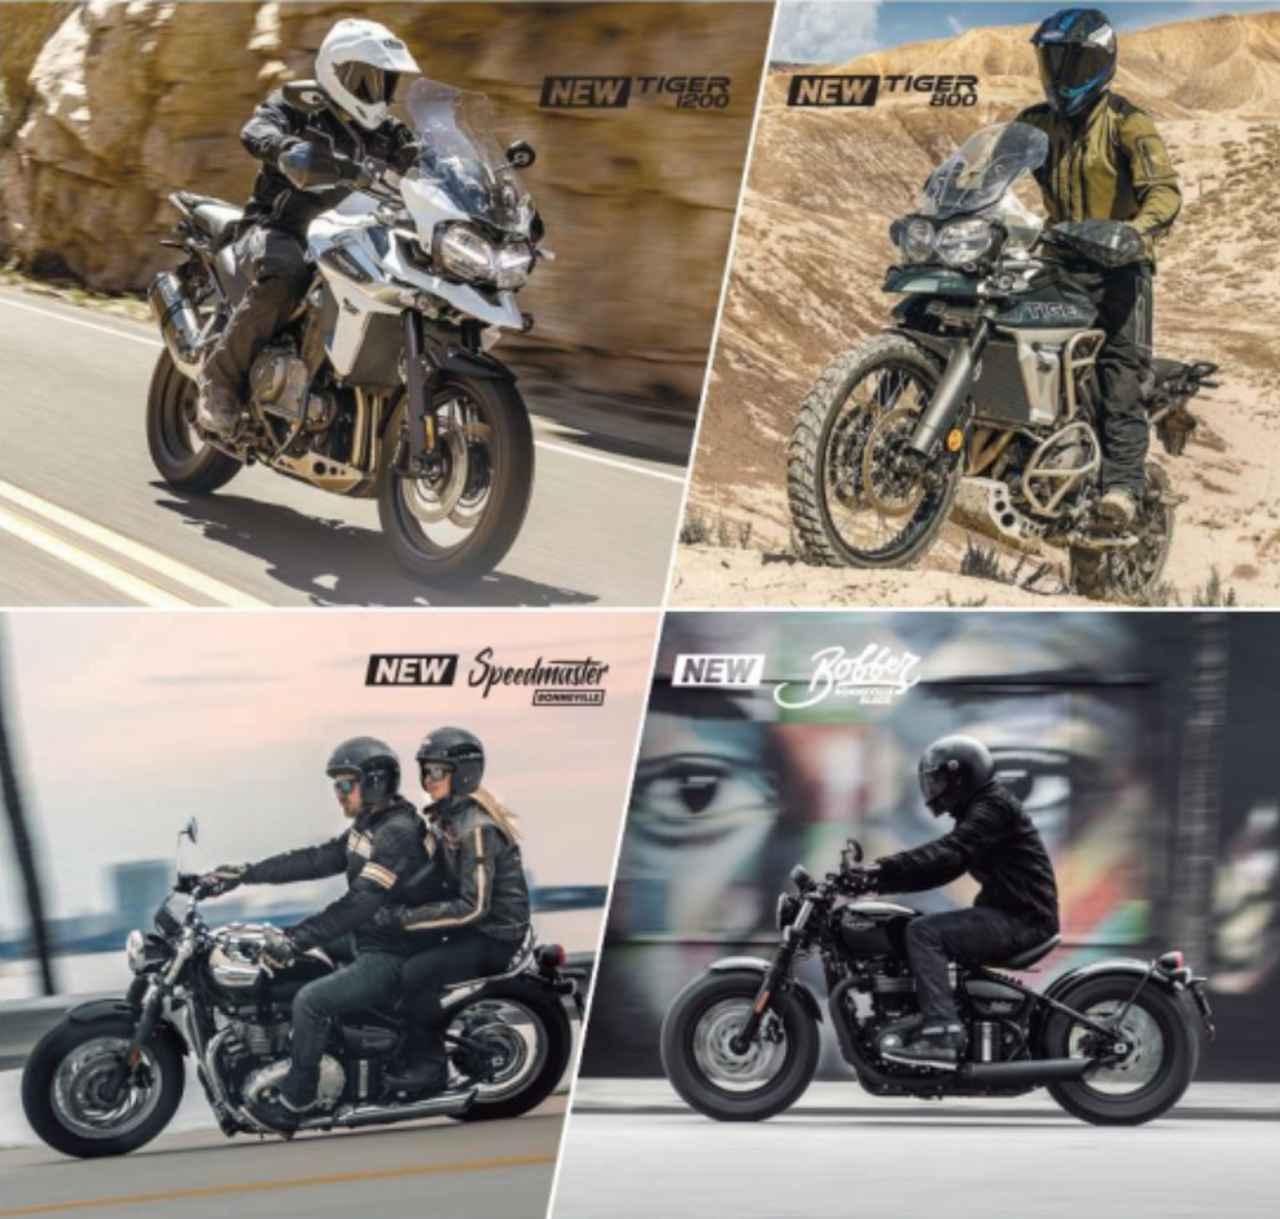 画像: 「タイガー1200」「タイガー800」「ボンネビル・スピードマスター」「ボンネビル・ボバー・ブラック」